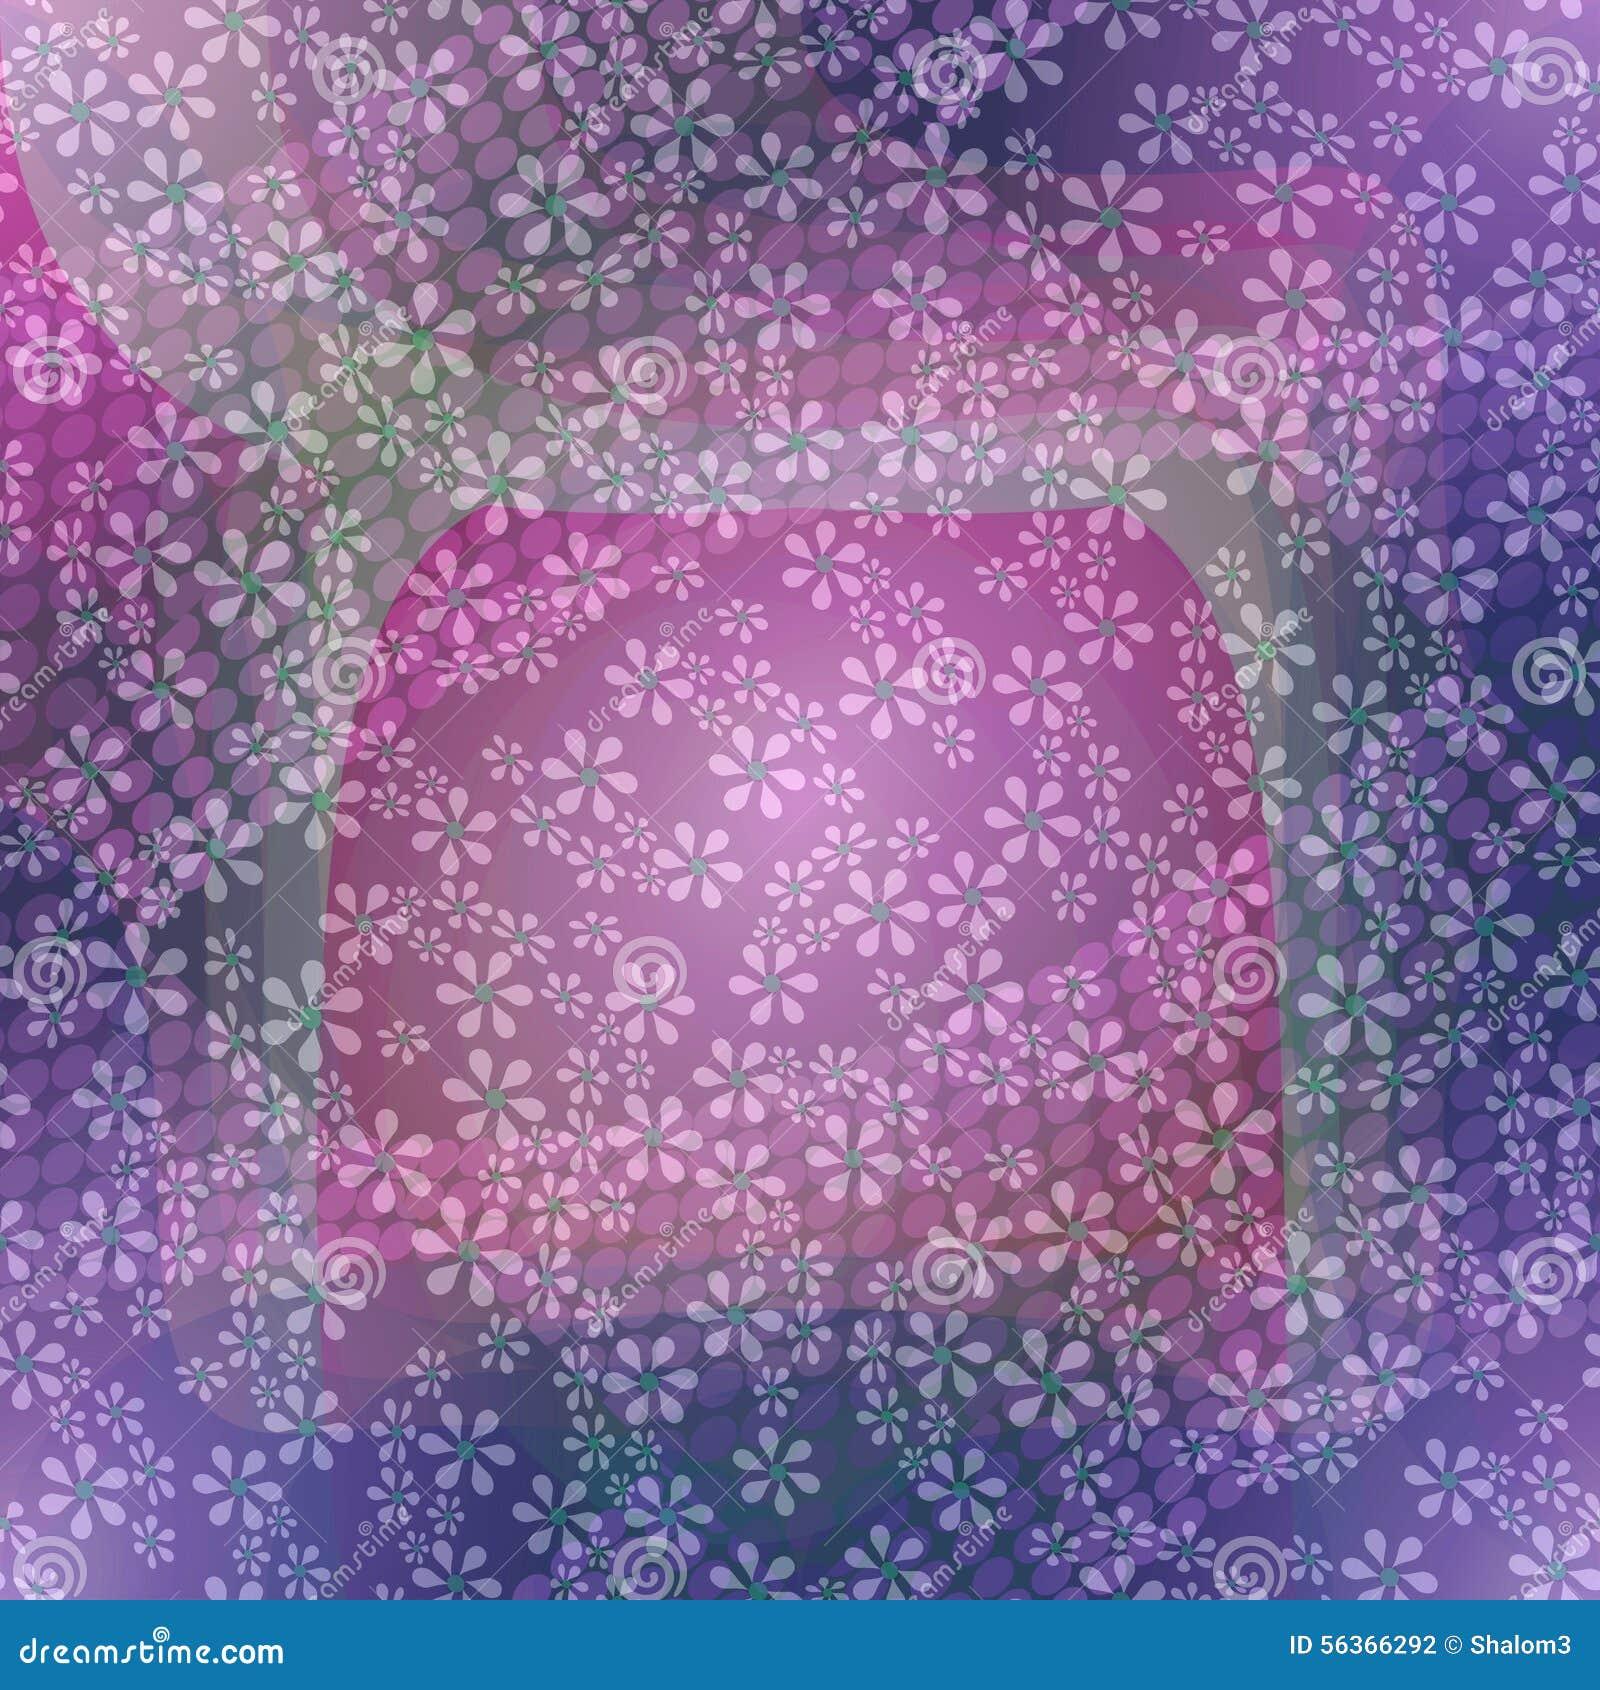 purple wallpaper small - photo #5